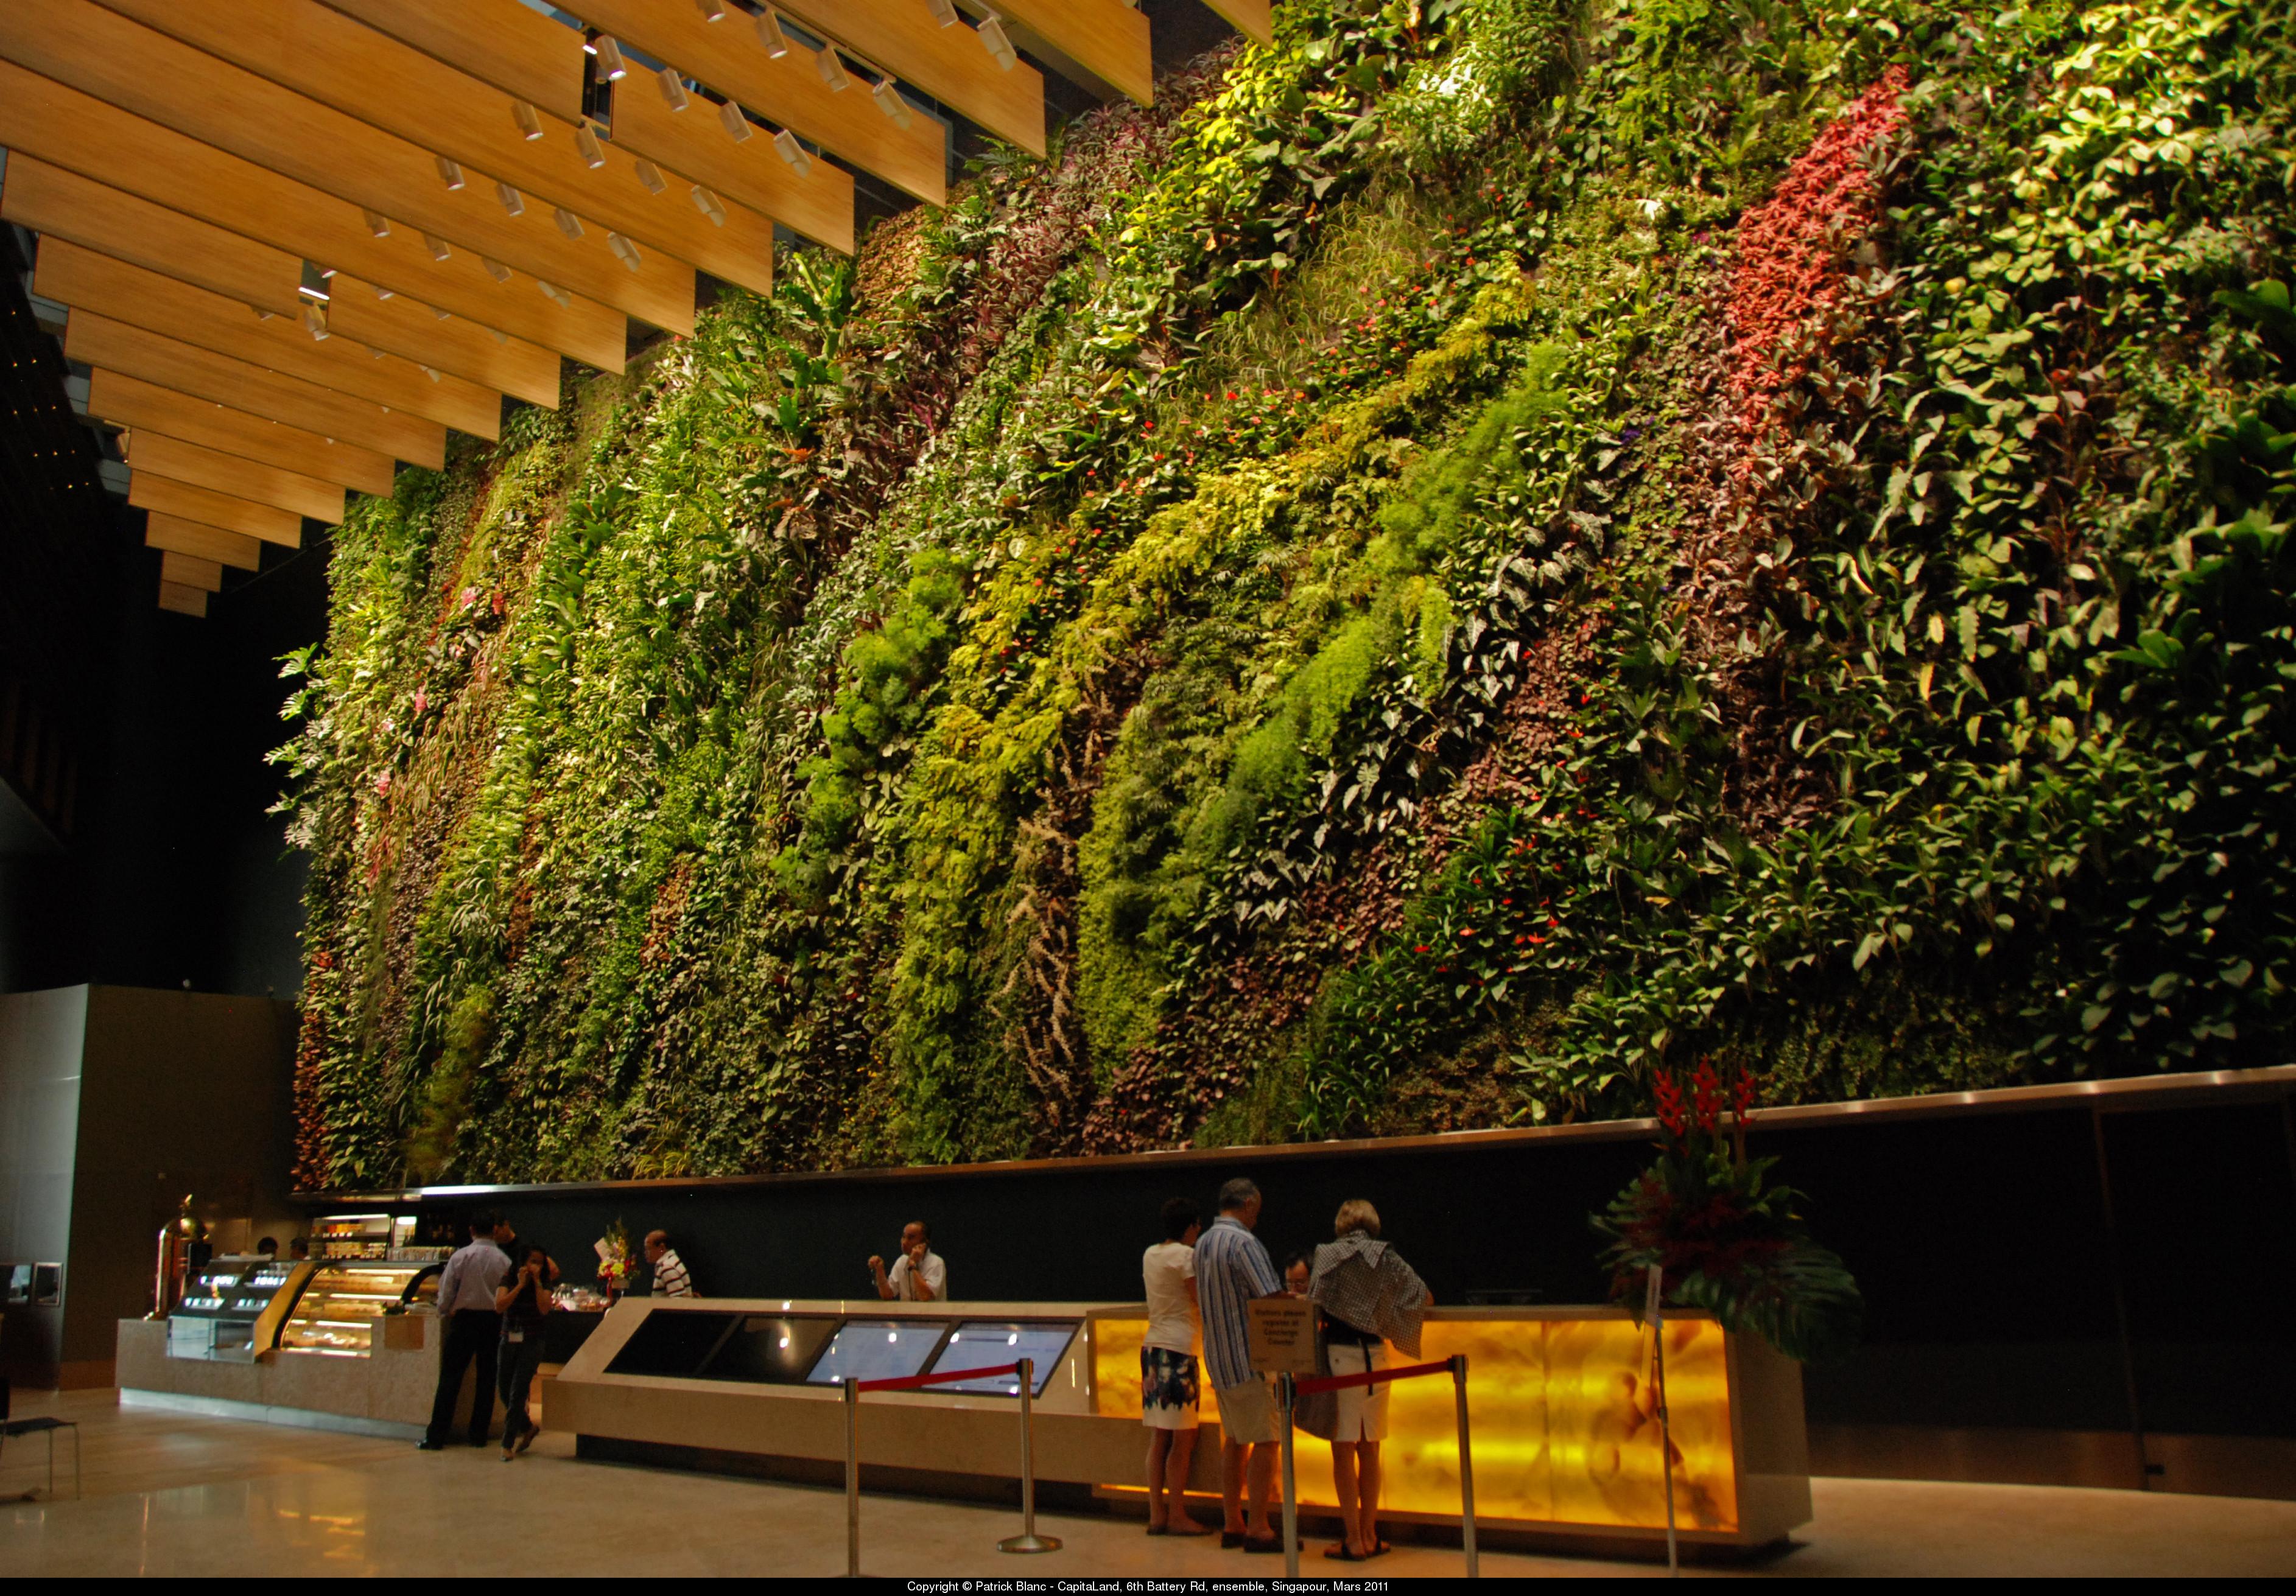 Patrick blanc jardines verticales aryse for Jardin vertical reciclado